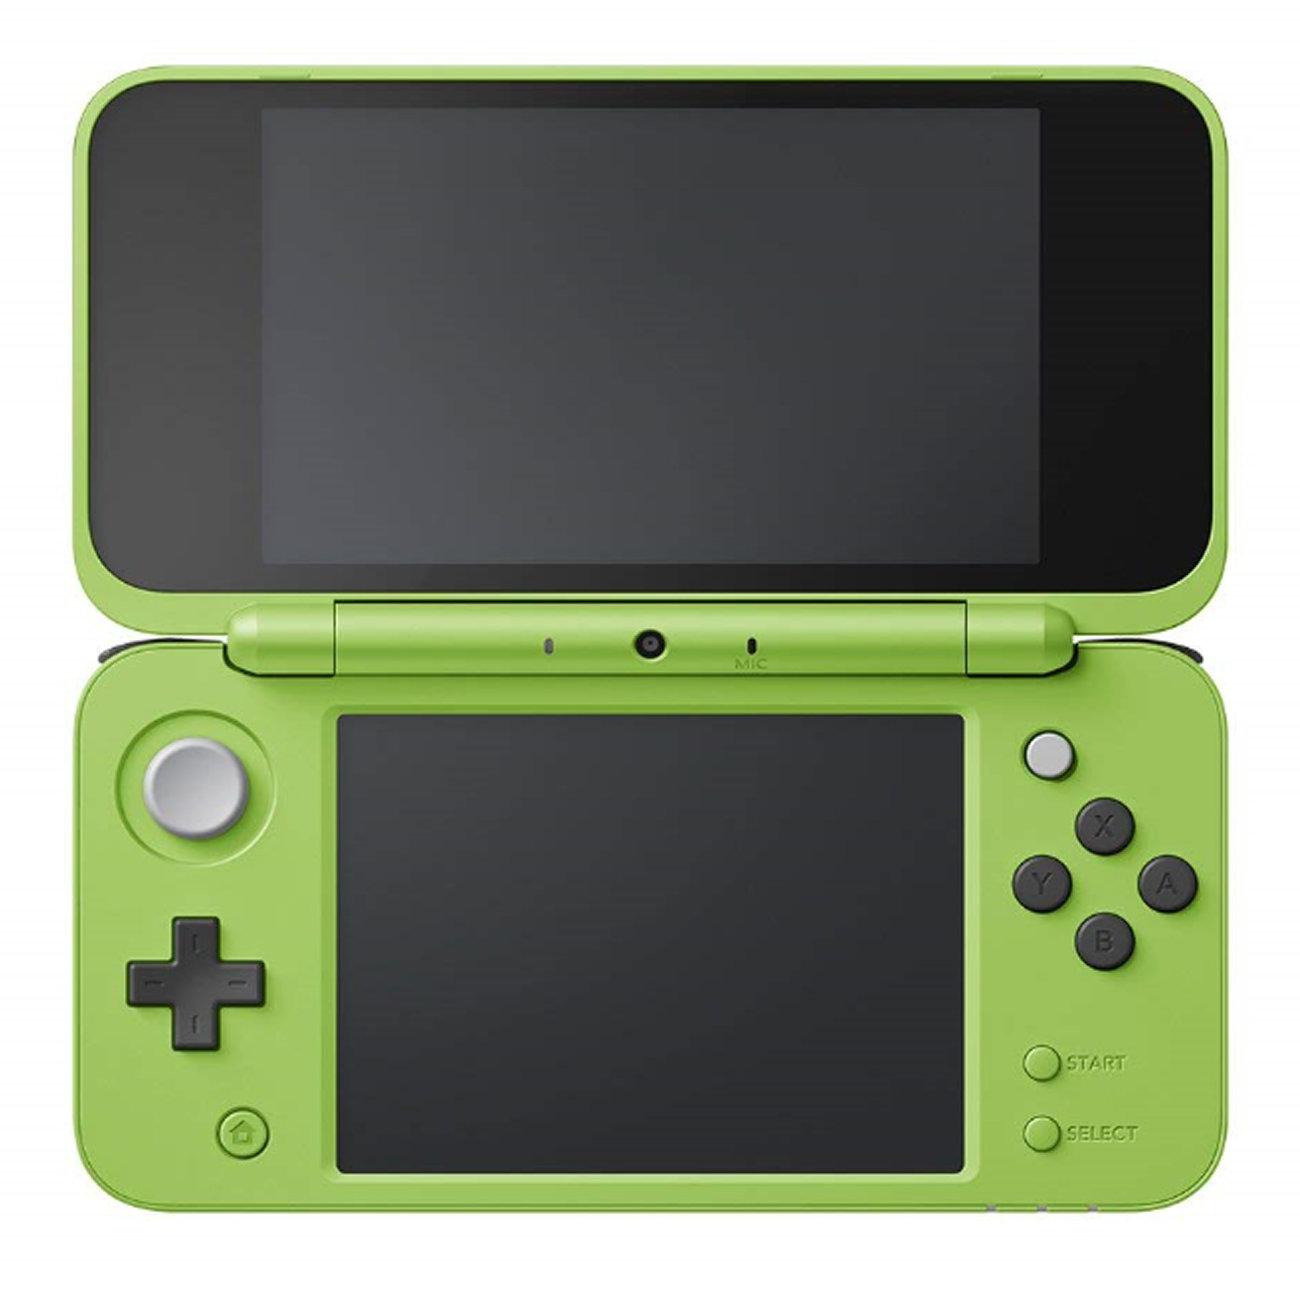 ニンテンドー3DS、発売日が決定パッケージソフトなくなる